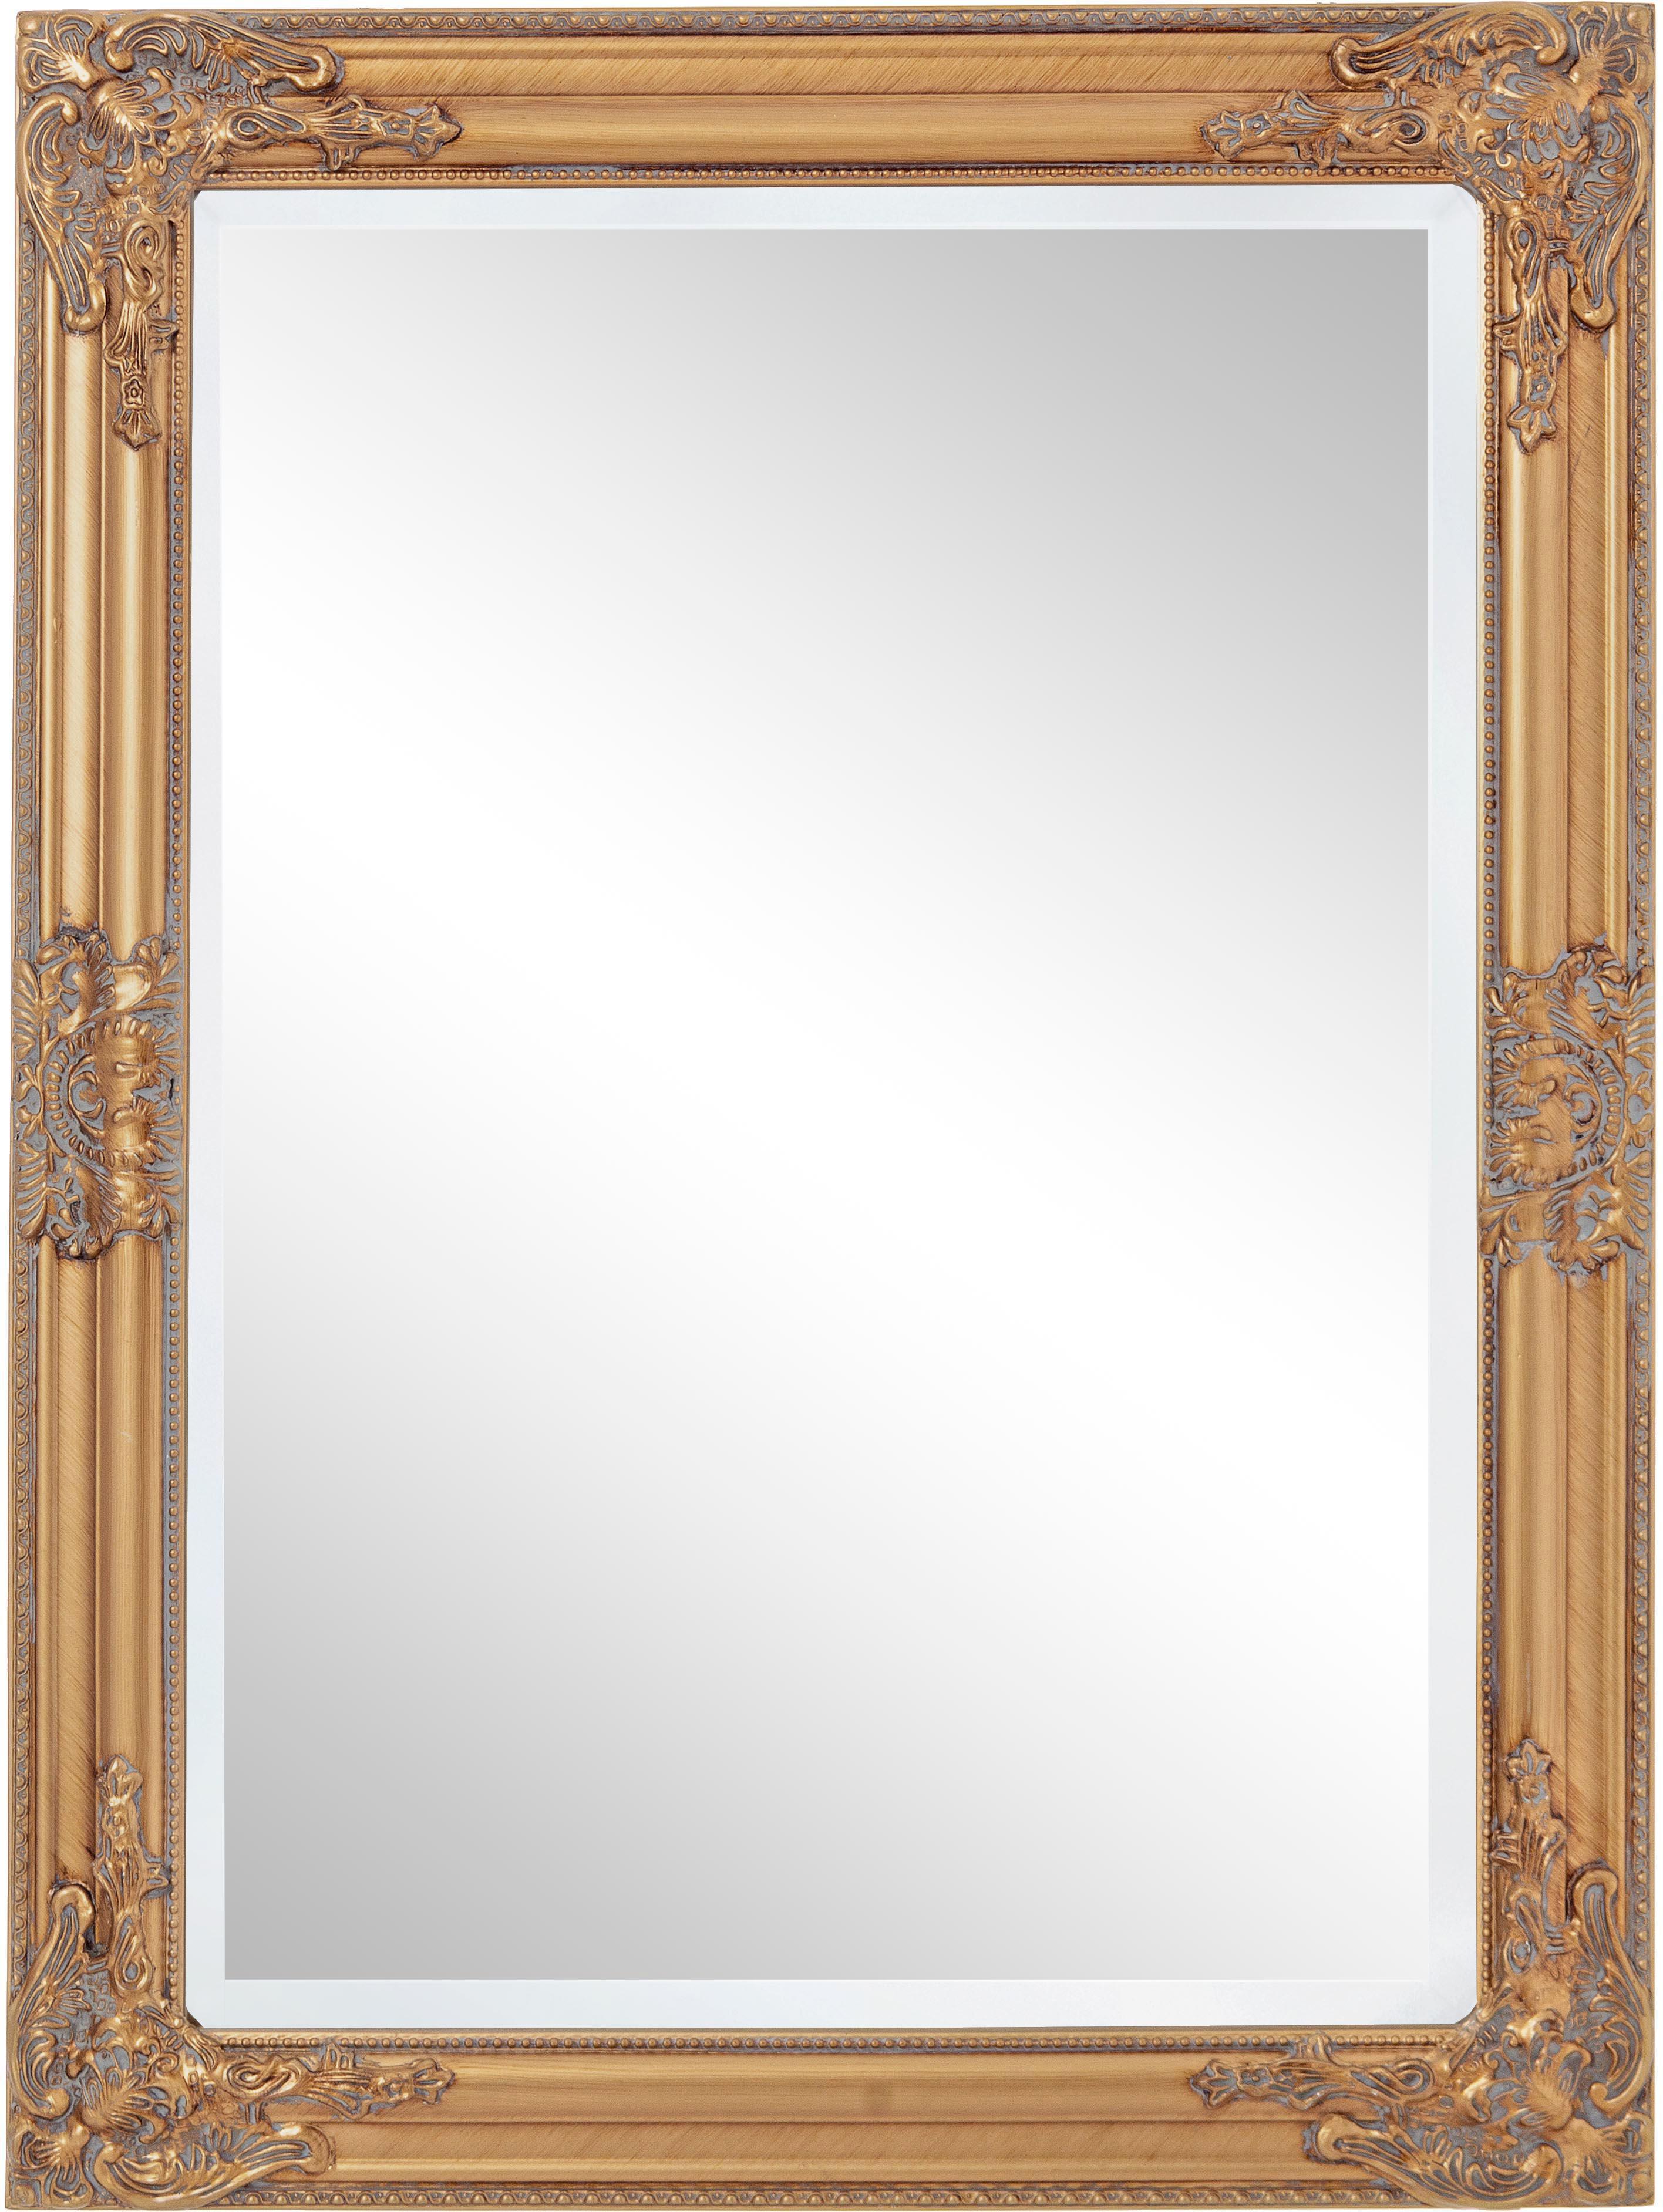 Wandspiegel Miro mit Goldrahmen in Antikoptik, Rahmen: Holz, beschichtet, Spiegelfläche: Spiegelglas, Goldfarben, 62 x 82 cm